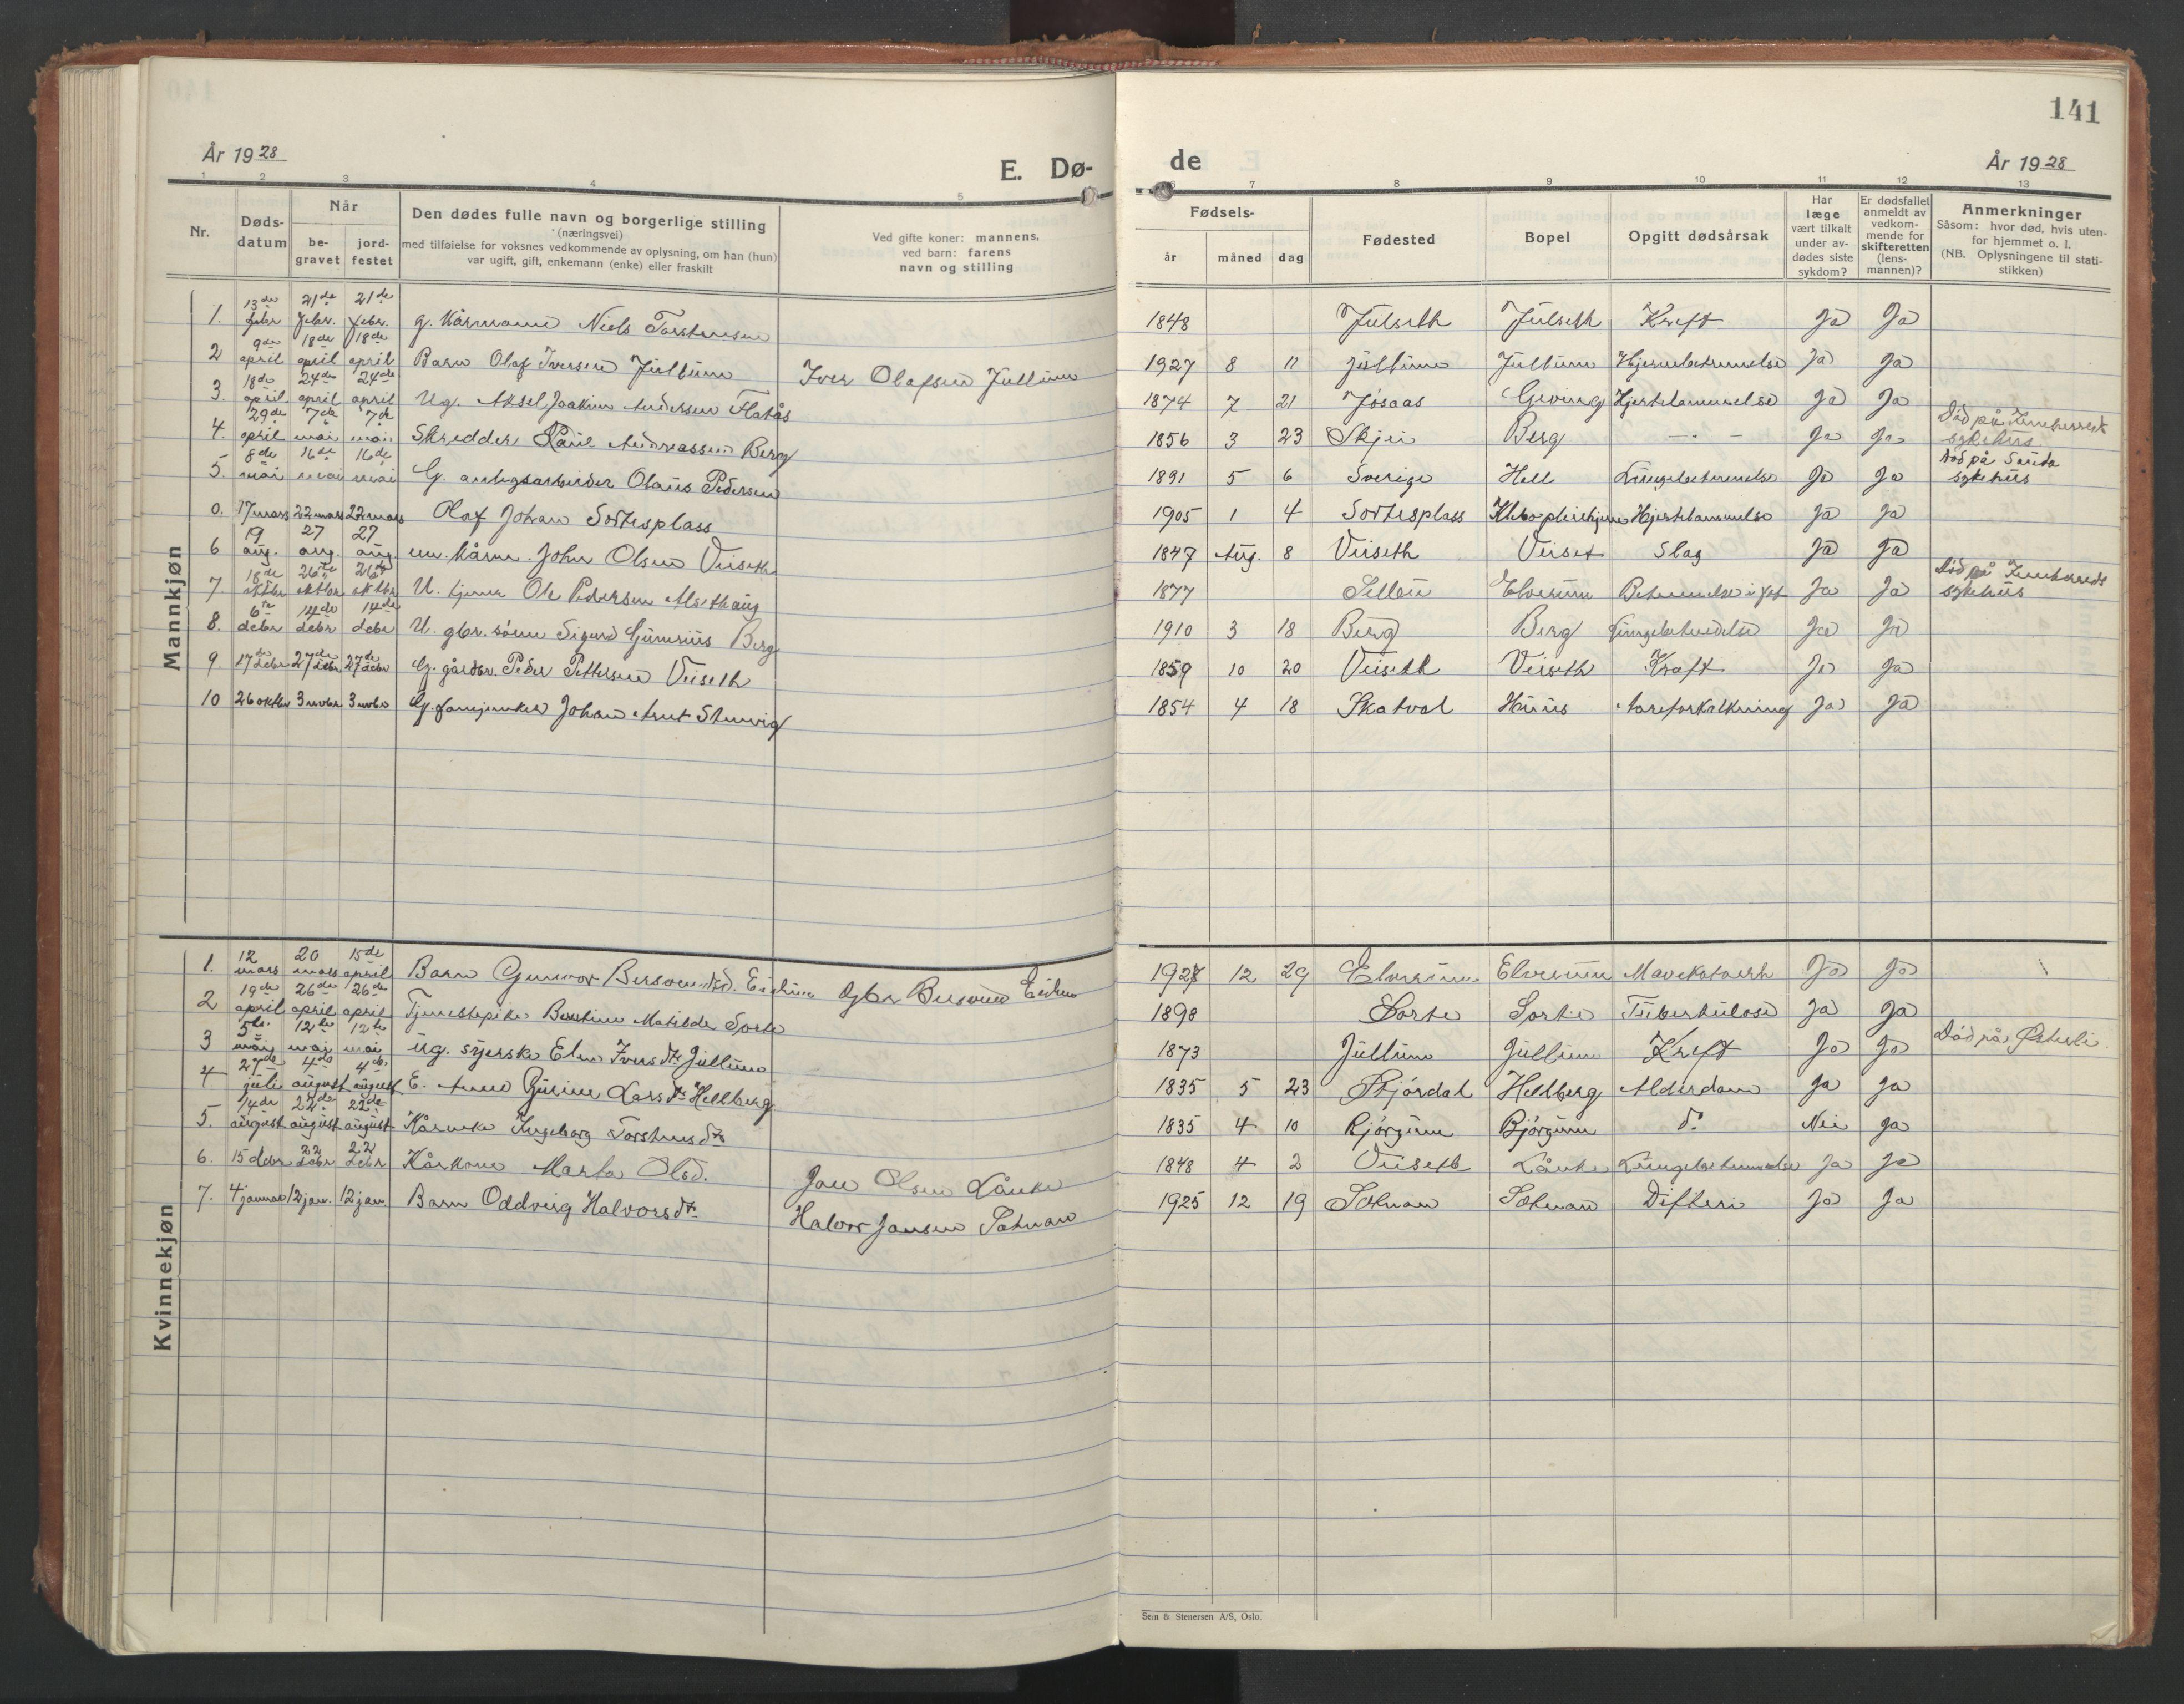 SAT, Ministerialprotokoller, klokkerbøker og fødselsregistre - Nord-Trøndelag, 710/L0097: Klokkerbok nr. 710C02, 1925-1955, s. 141